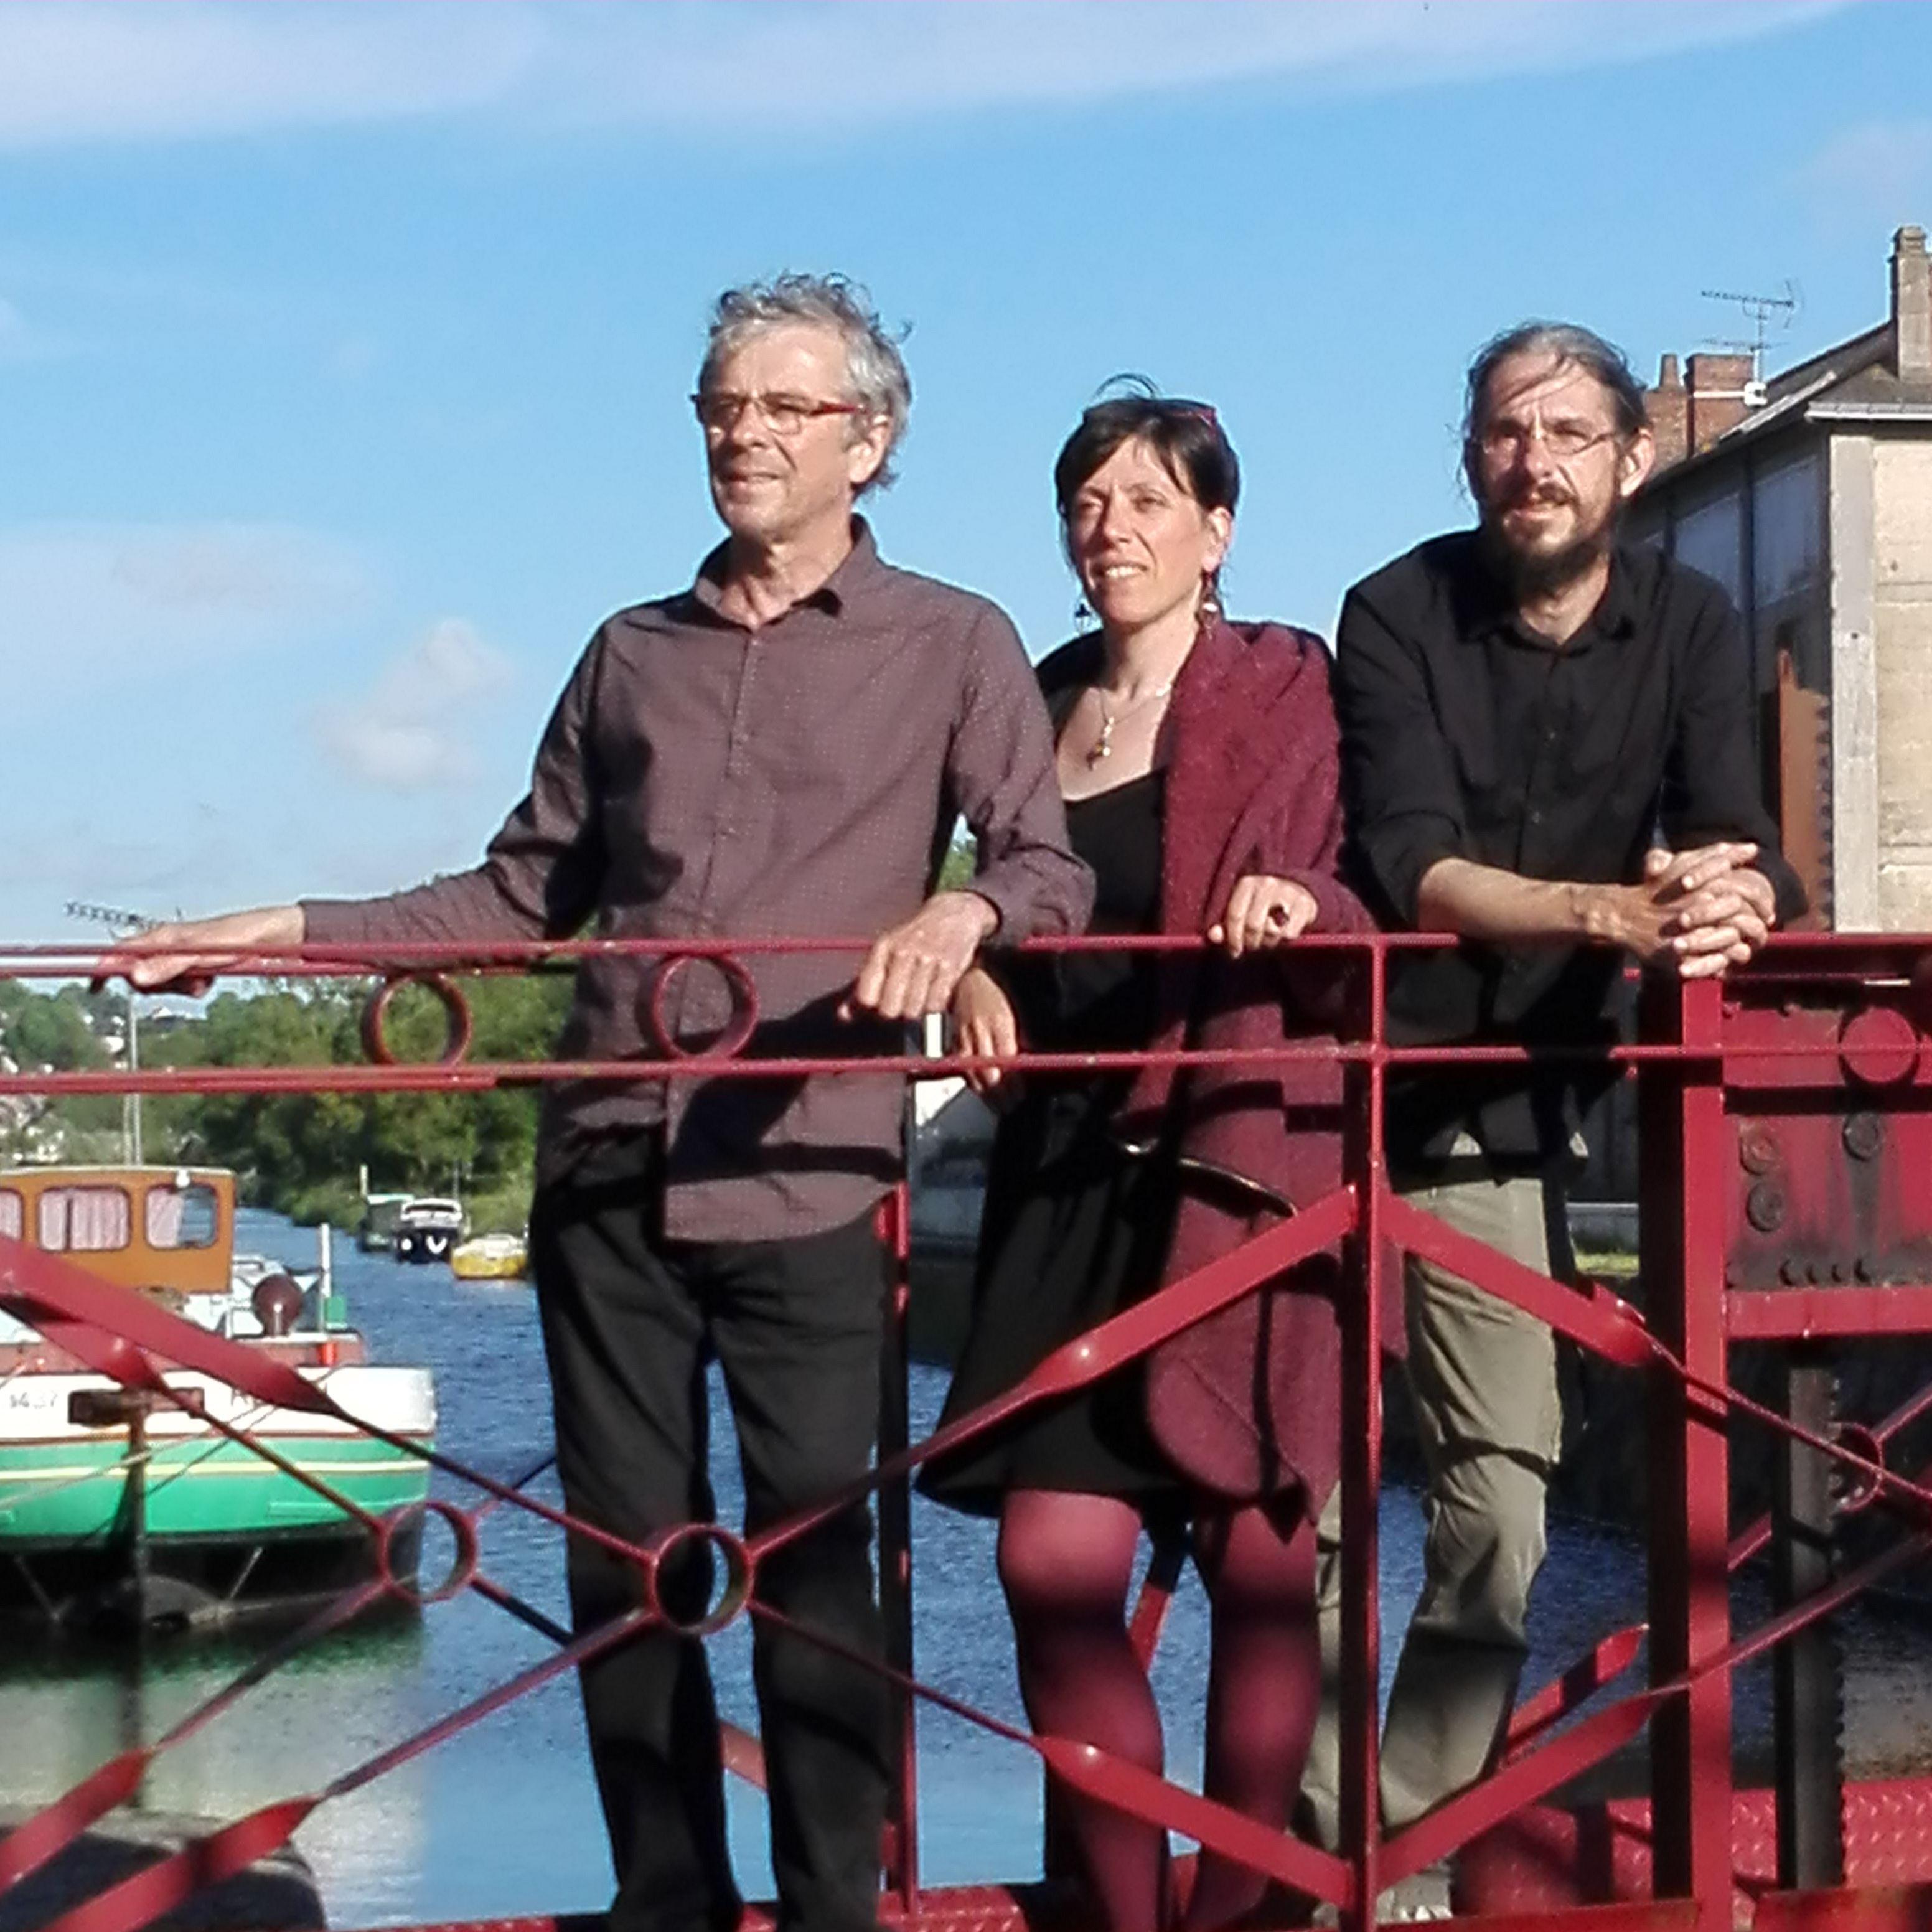 Voix bretonnes, Ciné-concert de Nantes à Brest... Un canal pas banal